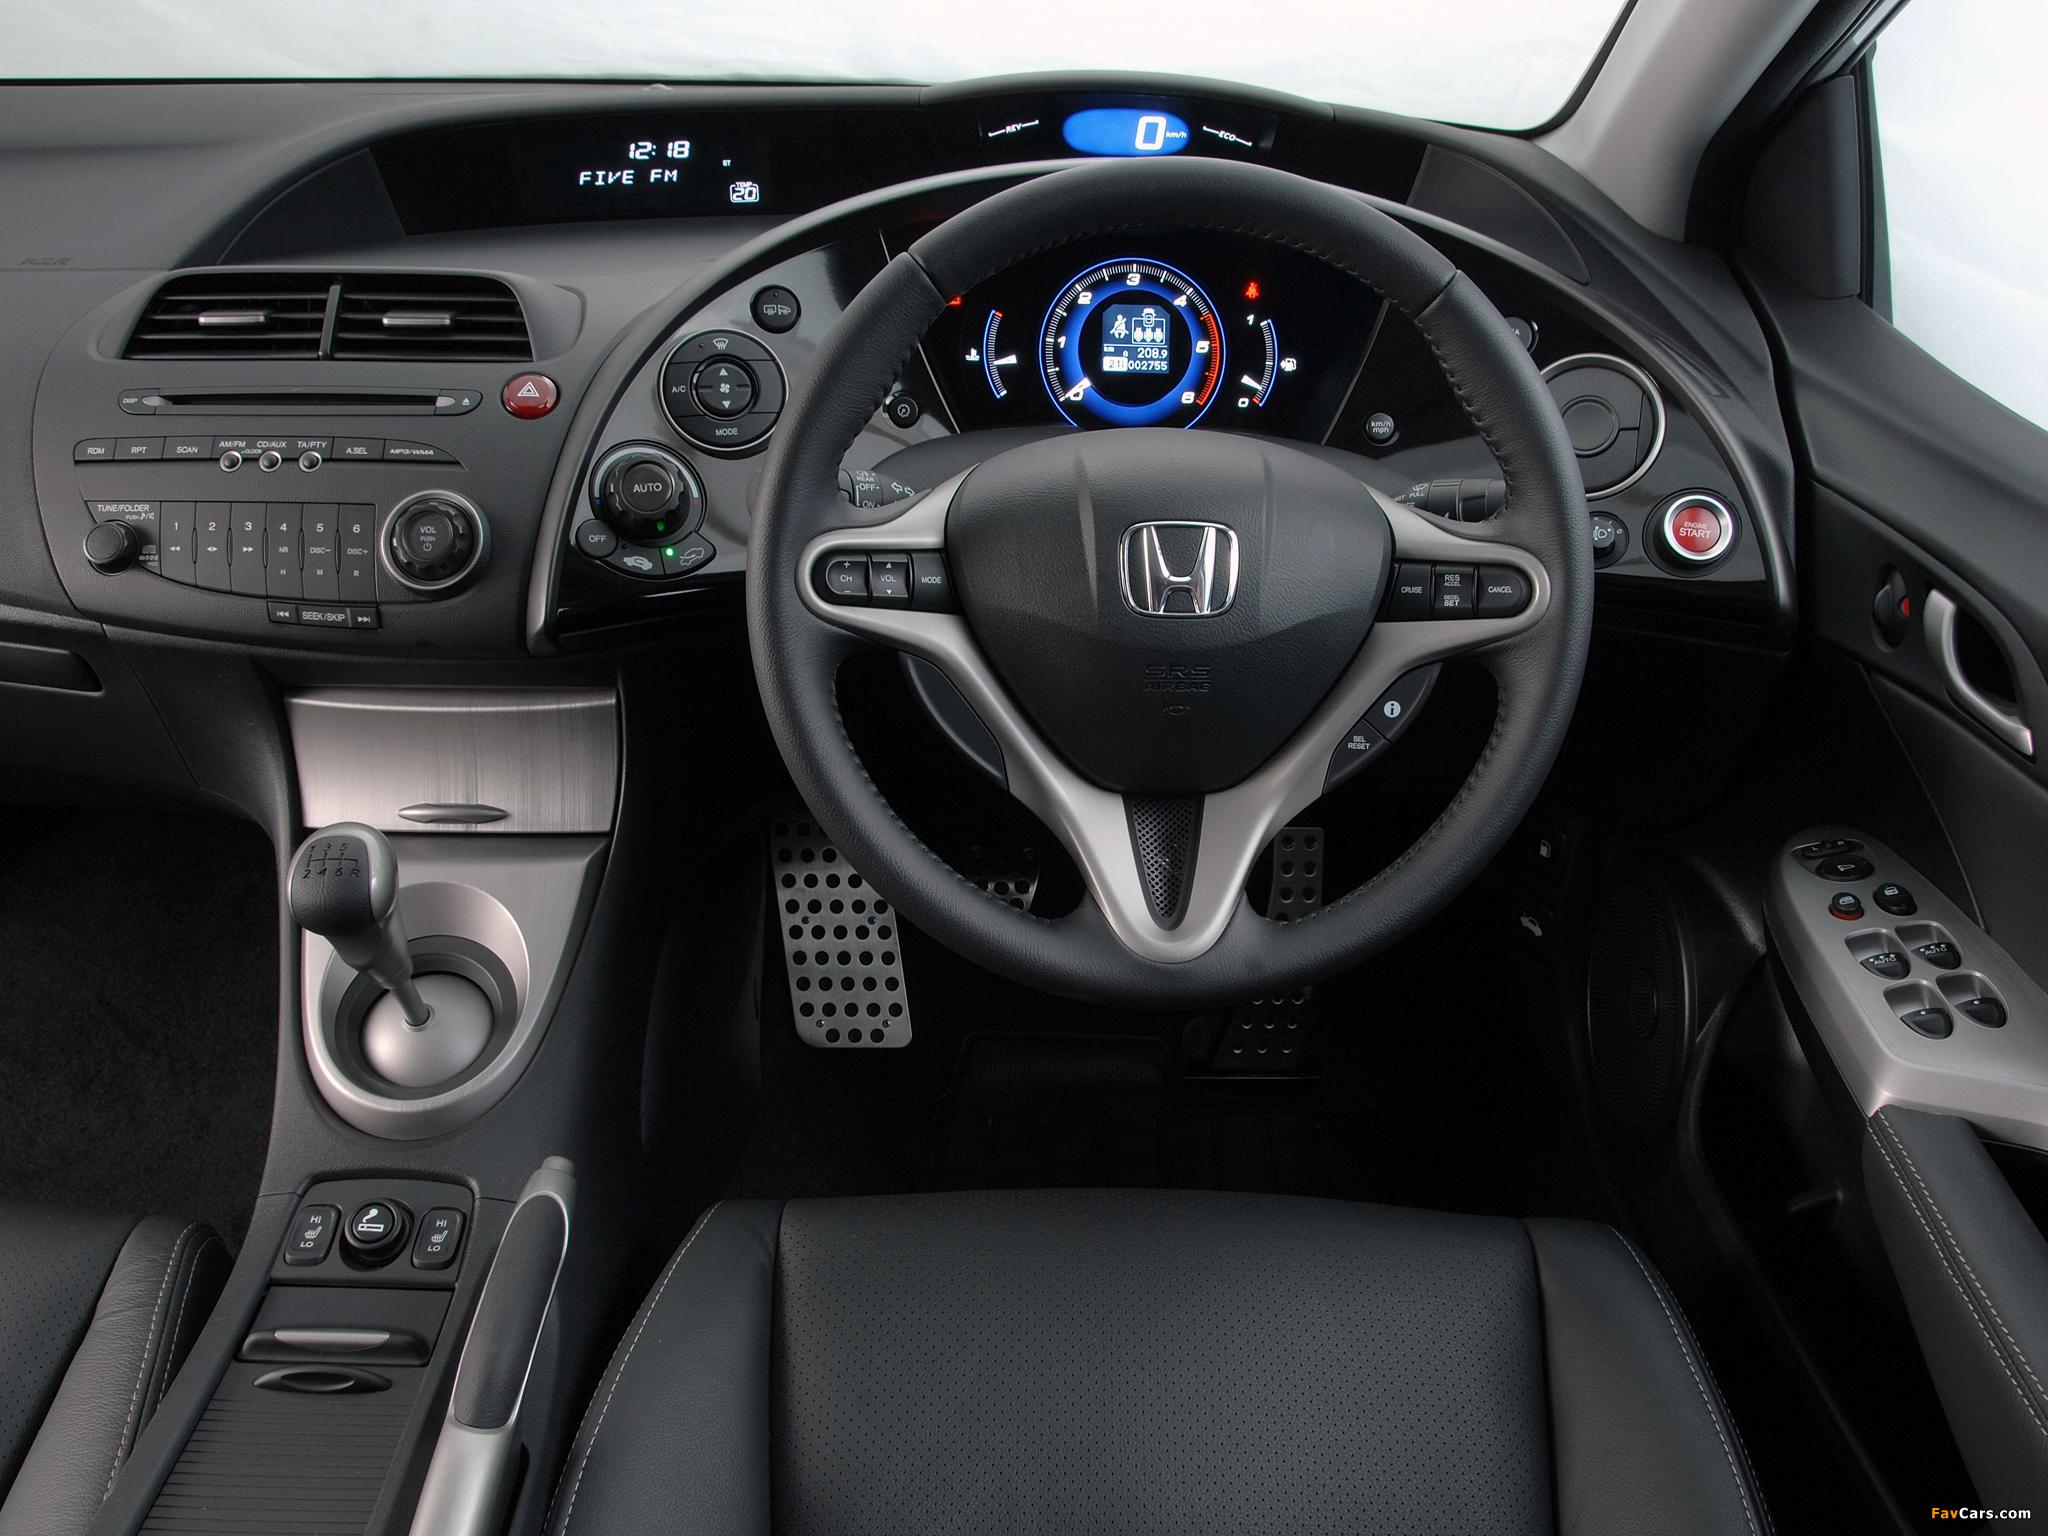 Honda civic hatchback za spec fn 2006 08 images 2048x1536 for Honda civic 2006 hatchback